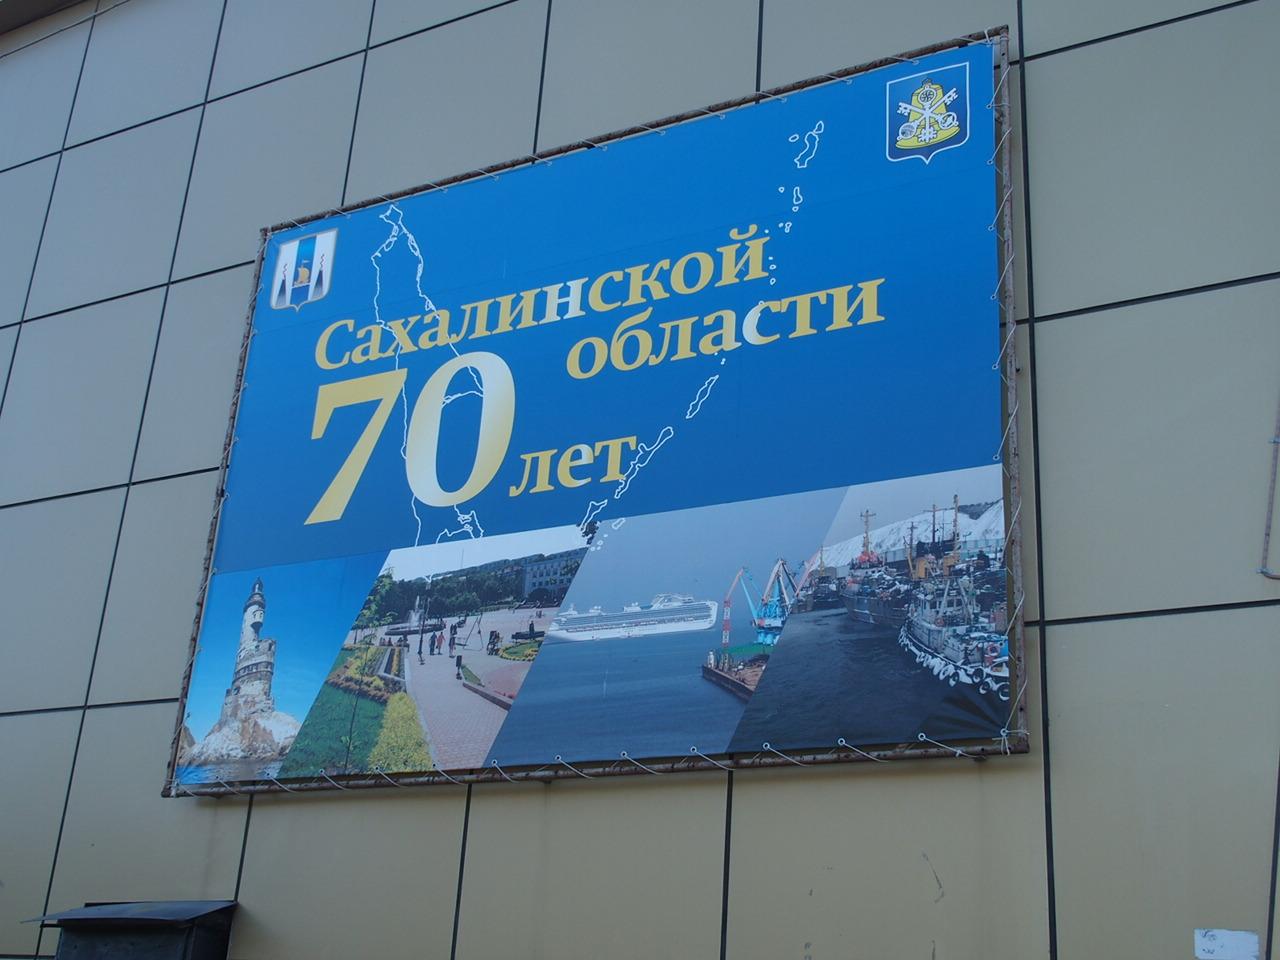 ダイヤモンドプリンセスで寄港したコルサコフのカルチャーセンター